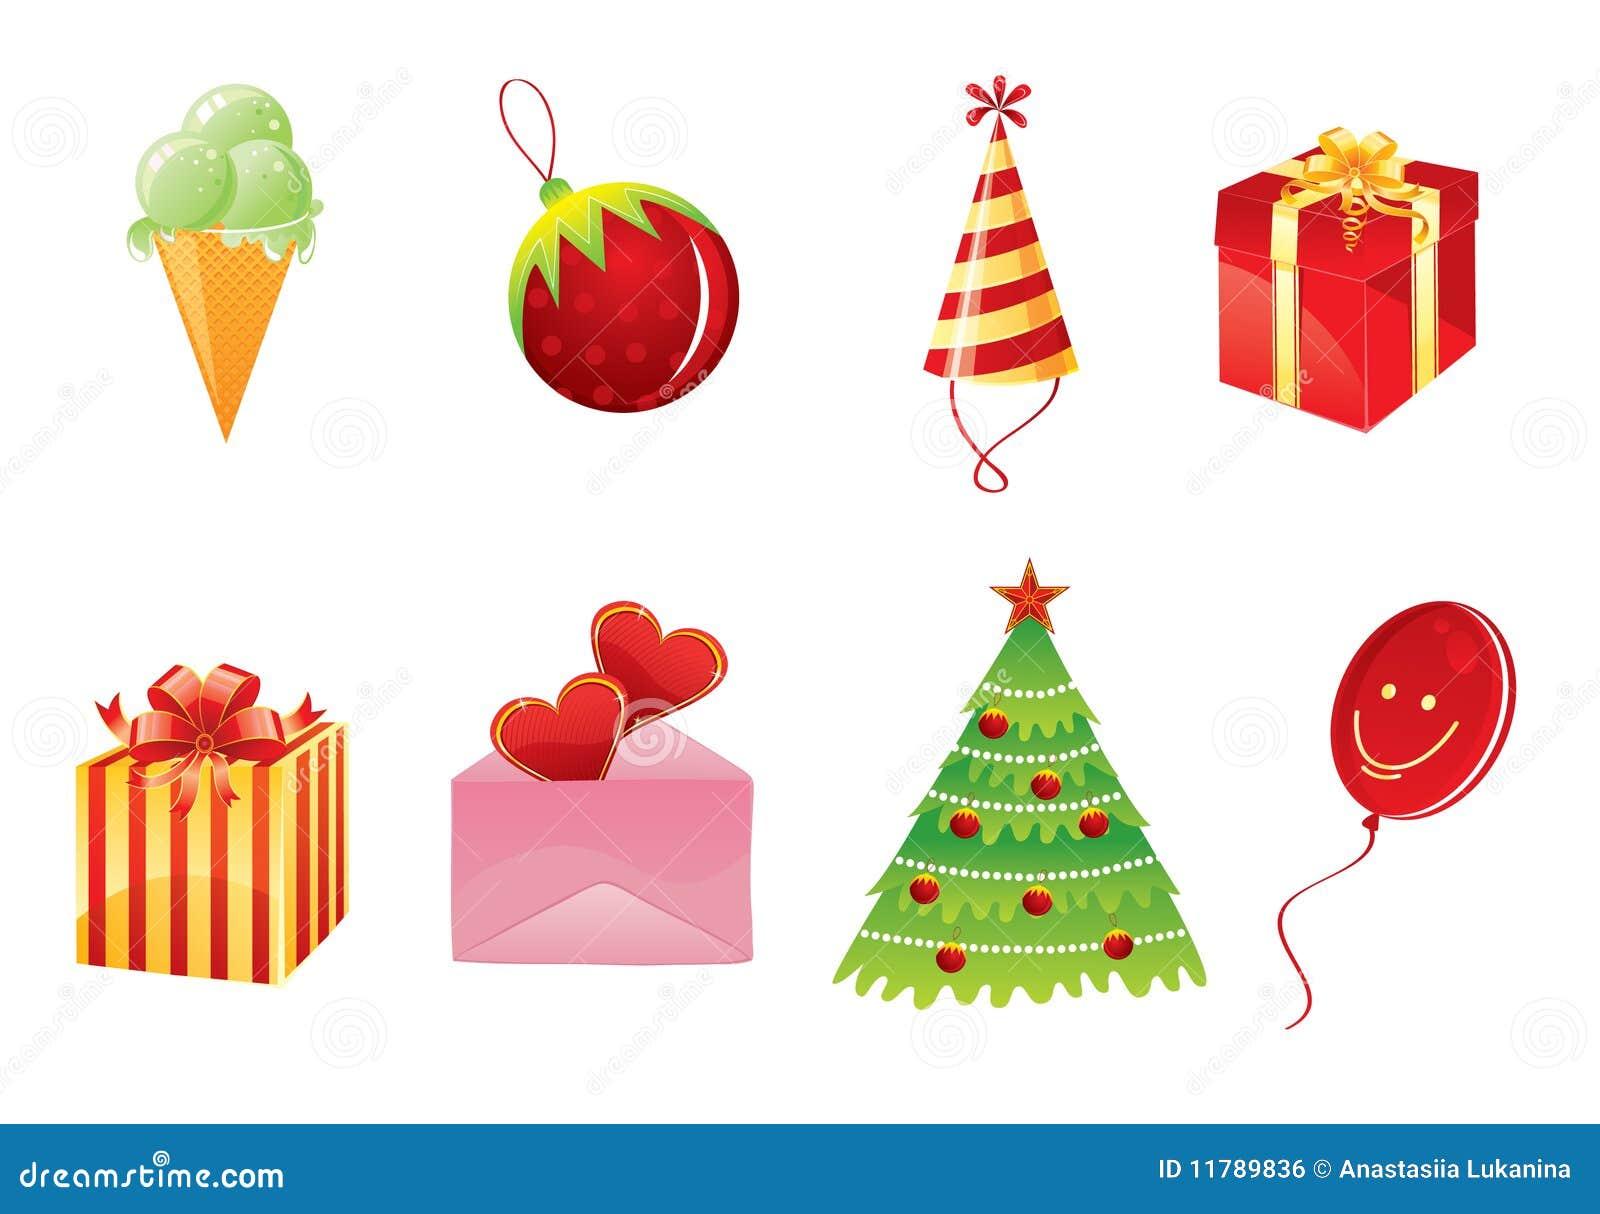 Conjunto de objetos de la navidad ilustraci n del vector imagen 11789836 - Objetos de navidad ...